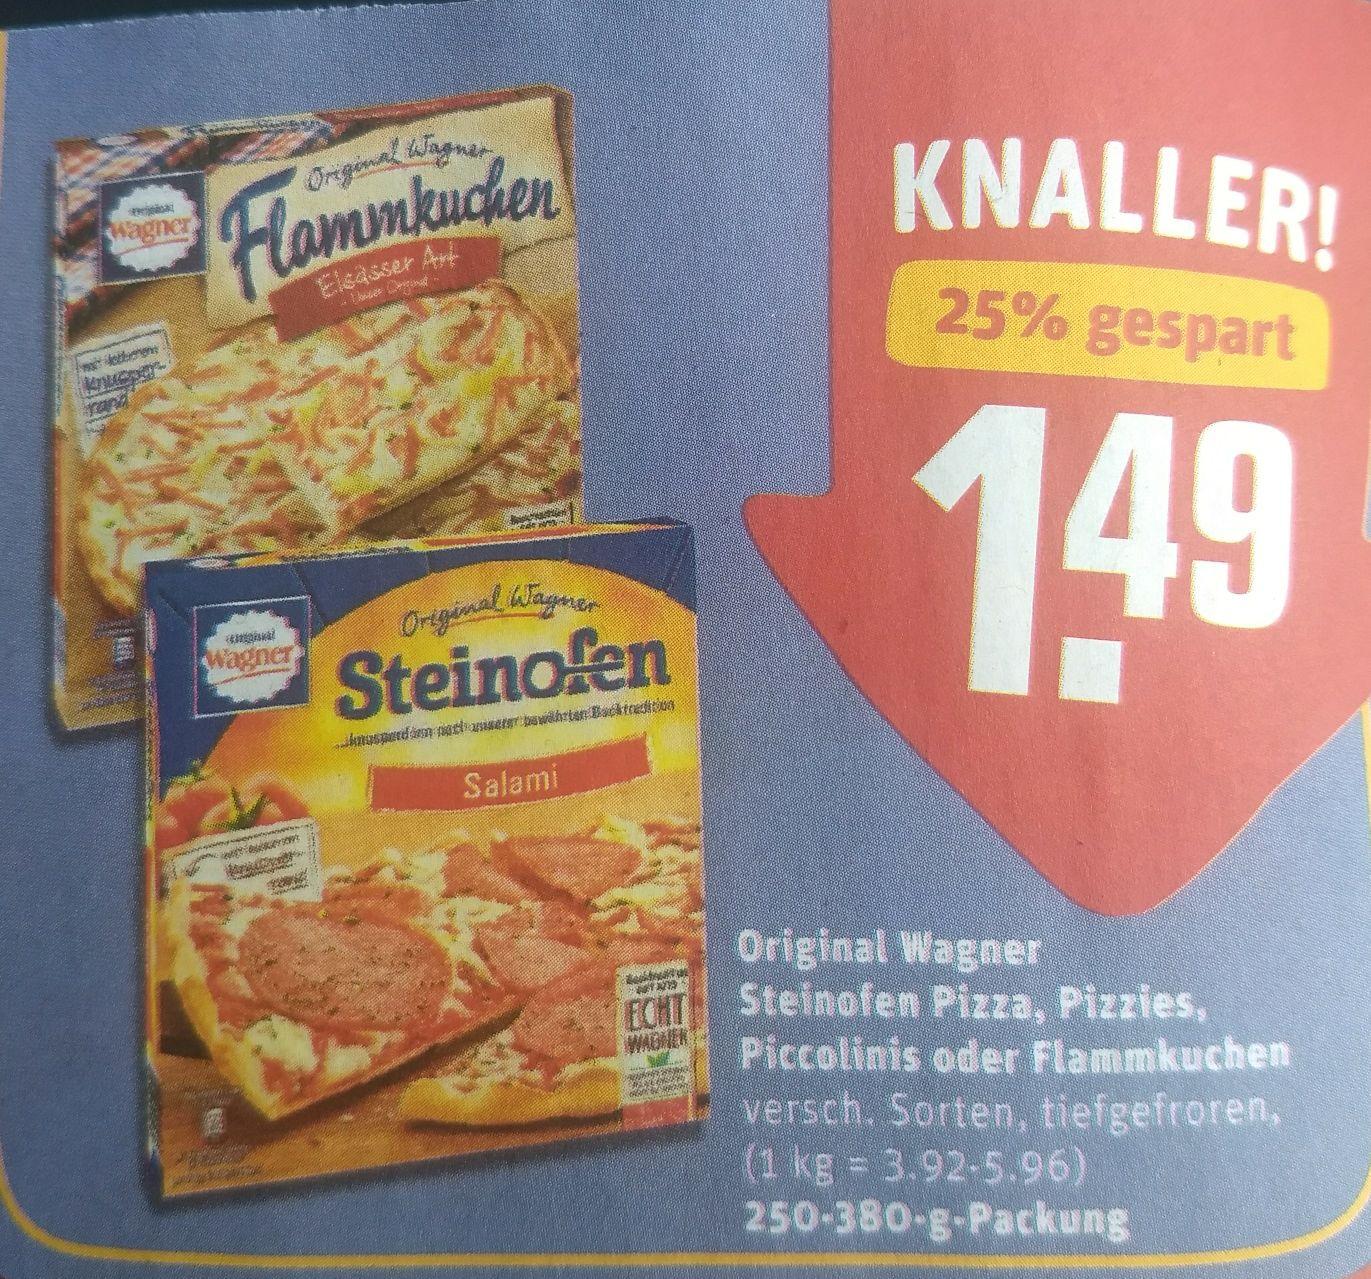 (REWE) Wagner Steinofen Pizza / Flammkuchen / Piccolinis für 1,49€